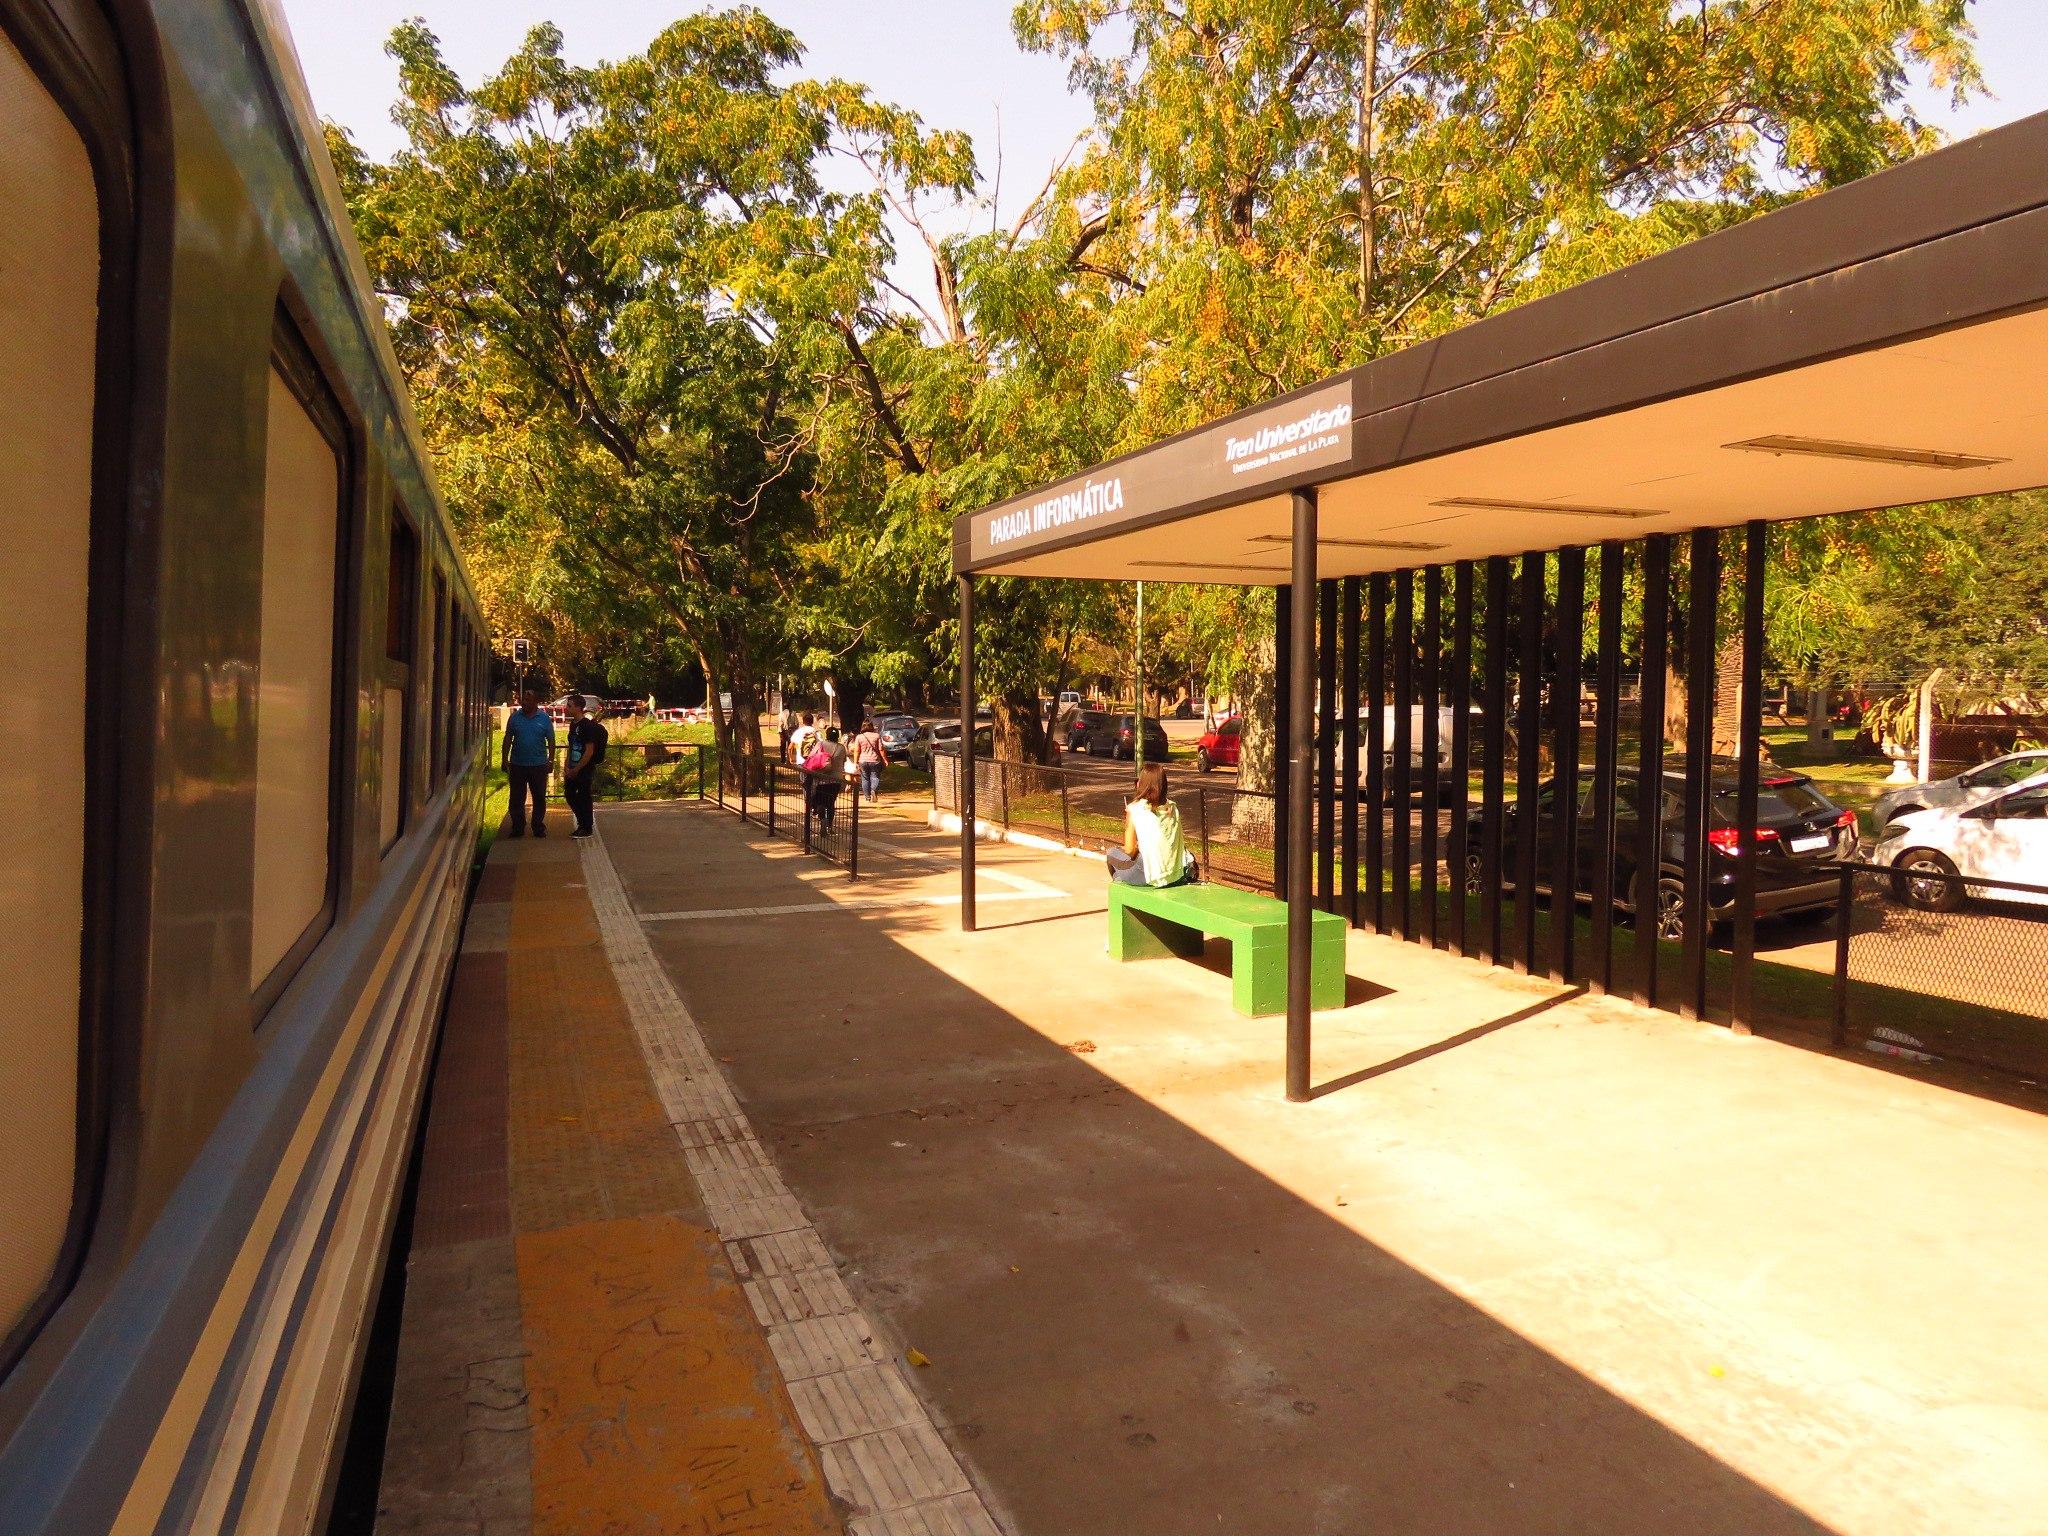 Электричкой из Буэнос-Айреса. Университетский поезд в Ла-Плате и береговой поезд в Тигре железные дороги